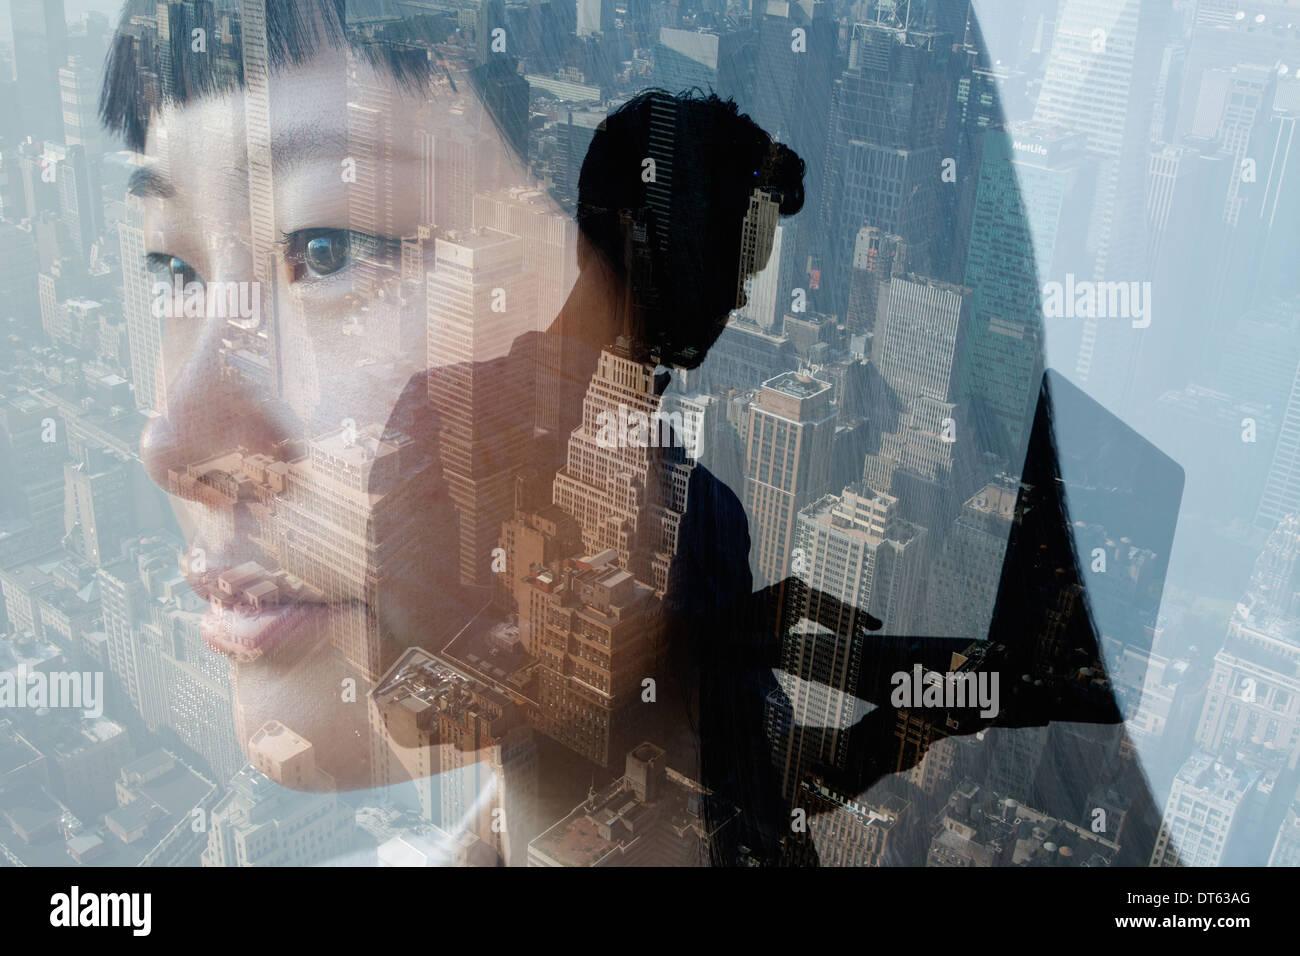 Uomo con notebook con la donna in primo piano, New York, Stati Uniti d'America Immagini Stock